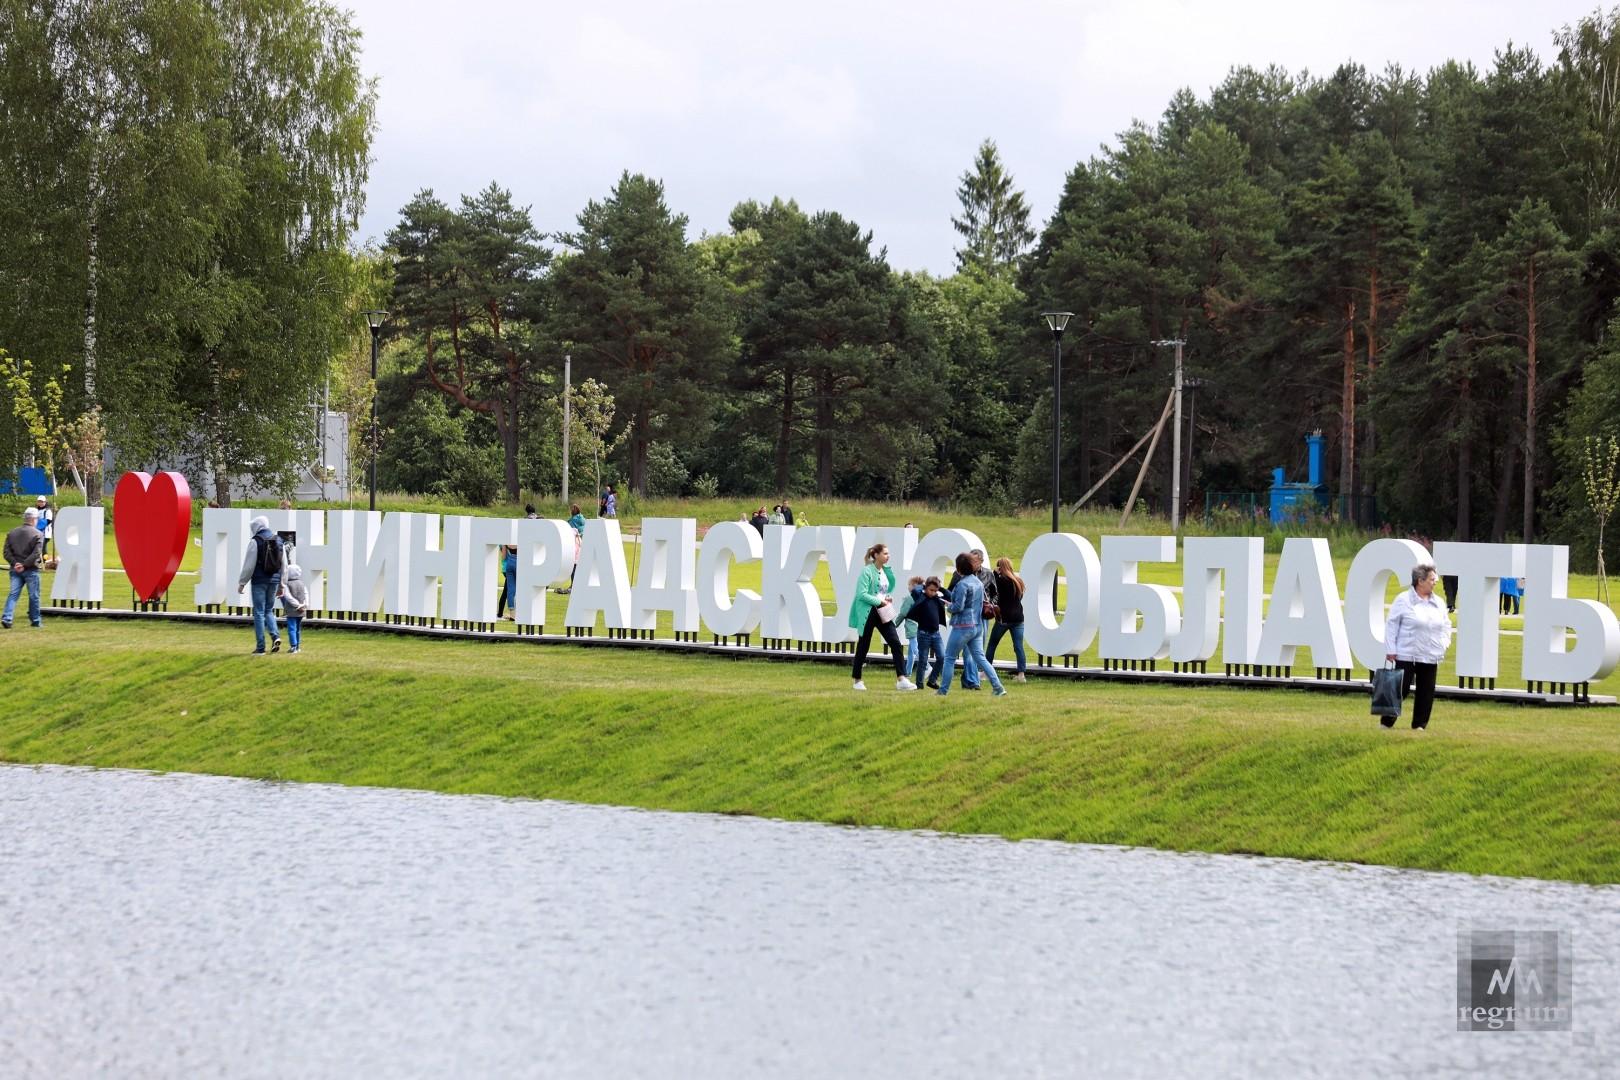 Празднование 92-ой годовщиной Ленинградской области в Бокситогорске